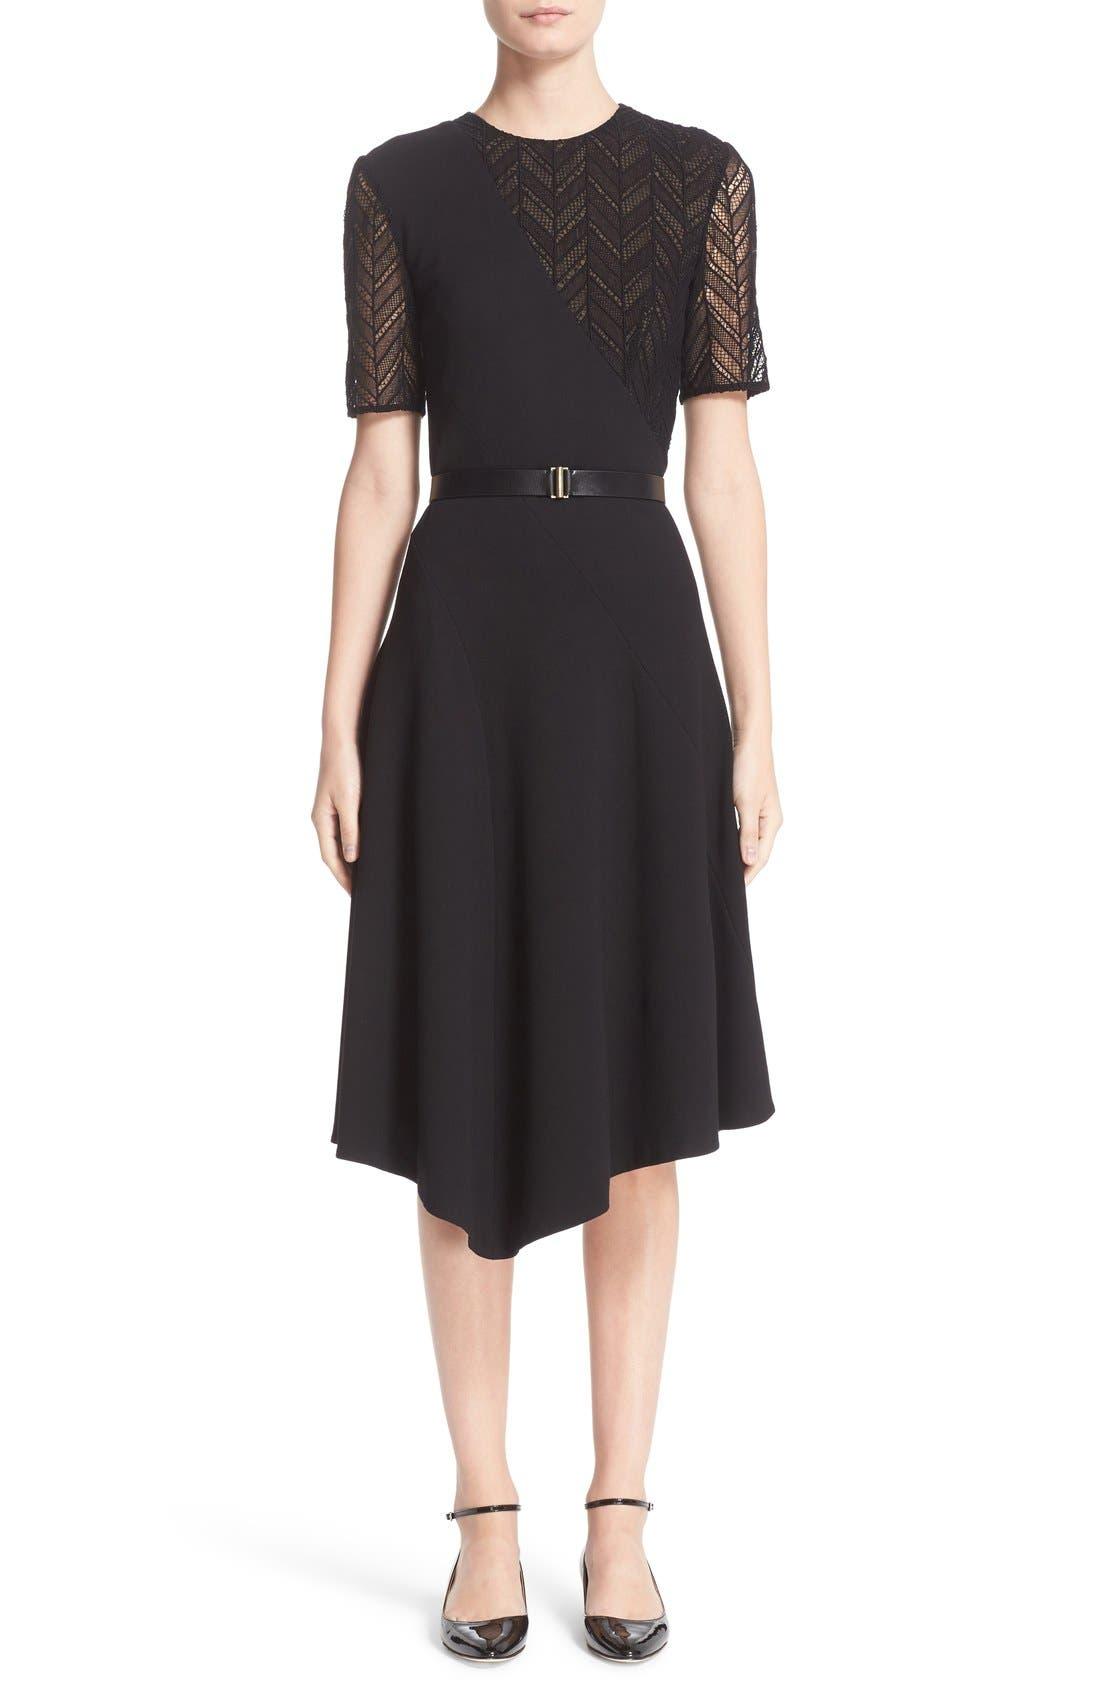 Alternate Image 1  - Jason Wu Chevron Lace & Ponte Knit Asymmetric Dress